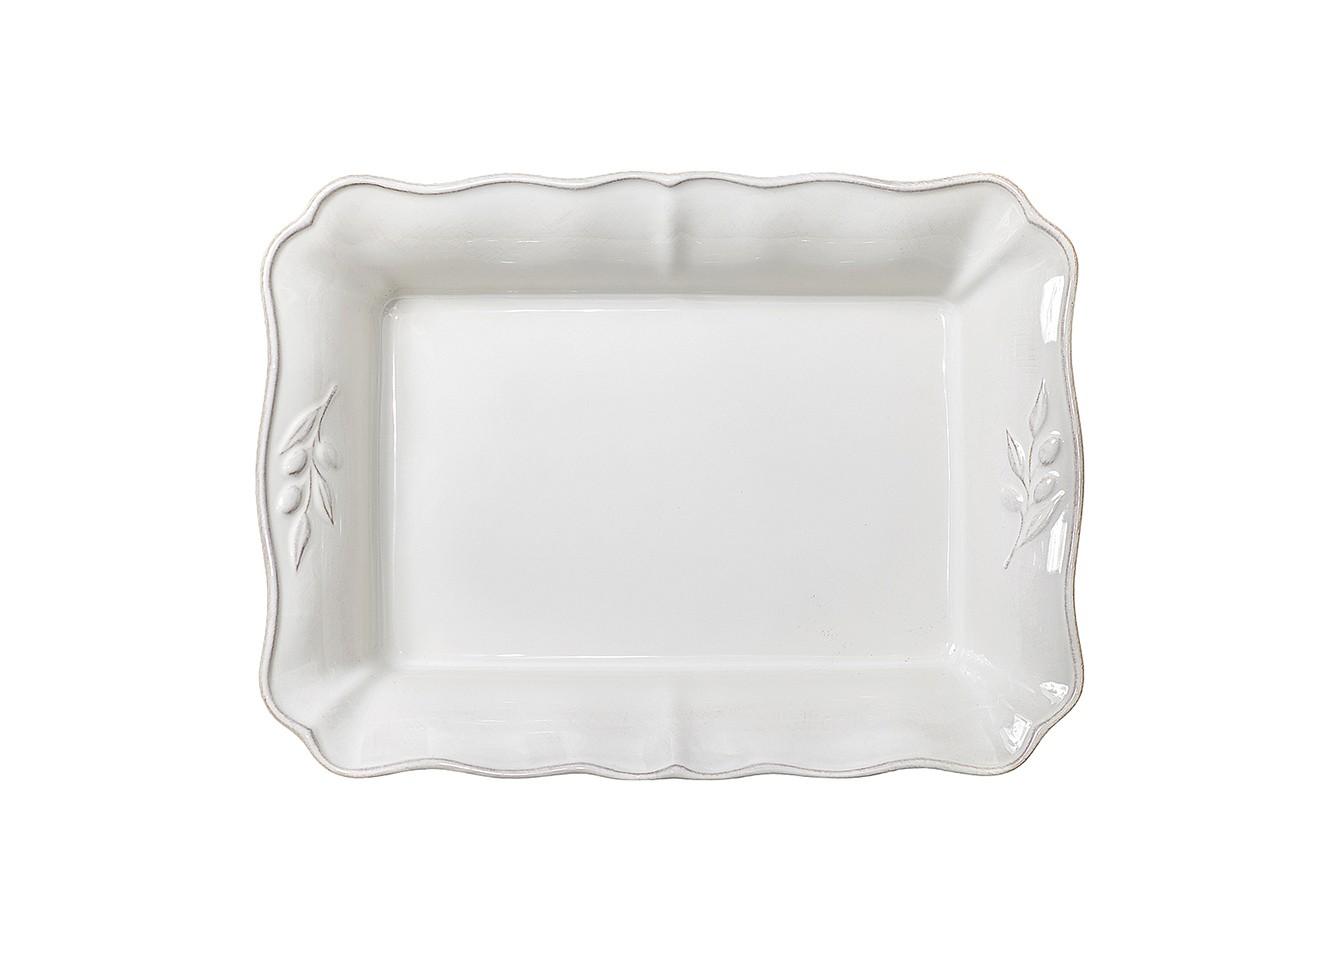 Блюдо для запеканияДекоративные блюда<br>Costa Nova (Португалия) – керамическая посуда из самого сердца Португалии. Она абсолютно устойчива к мытью, даже в посудомоечной машине, ее вполне можно использовать для замораживания продуктов и в микроволновой печи, при этом можно не бояться повредить эту великолепную глазурь и свежие краски. Такую посуду легко мыть, при ее очистке можно использовать металлические губки – и все это благодаря прочному глазурованному покрытию. Все серии посуды от Costa Nova отвечают международным стандартам качества. Керамическая посуда от Costa Nova не содержит такие вещества, как свинец и кадмий.<br><br>Material: Керамика<br>Width см: 35